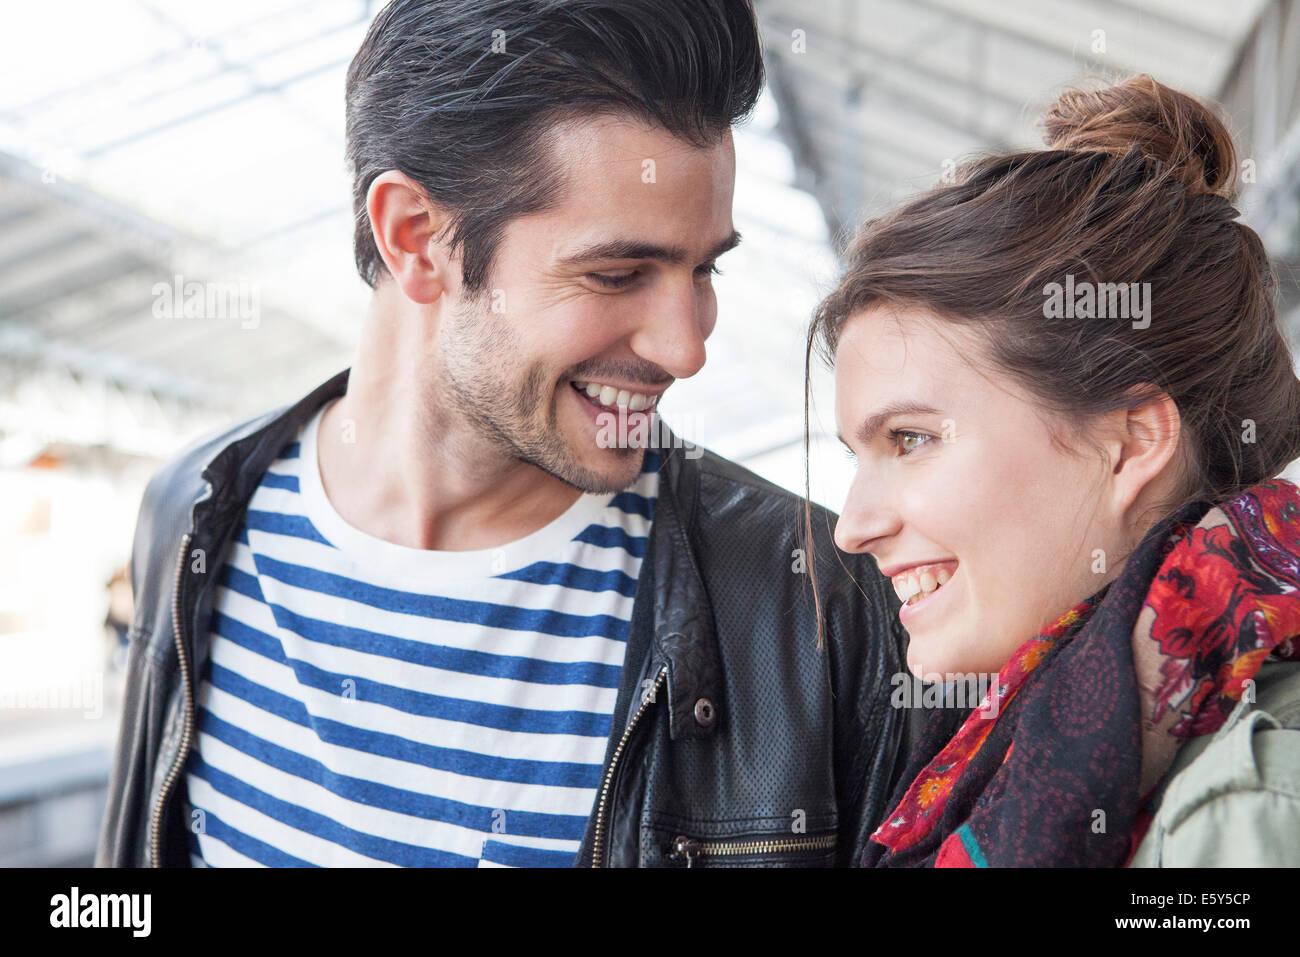 Coppia giovane insieme sulla piattaforma del treno Immagini Stock